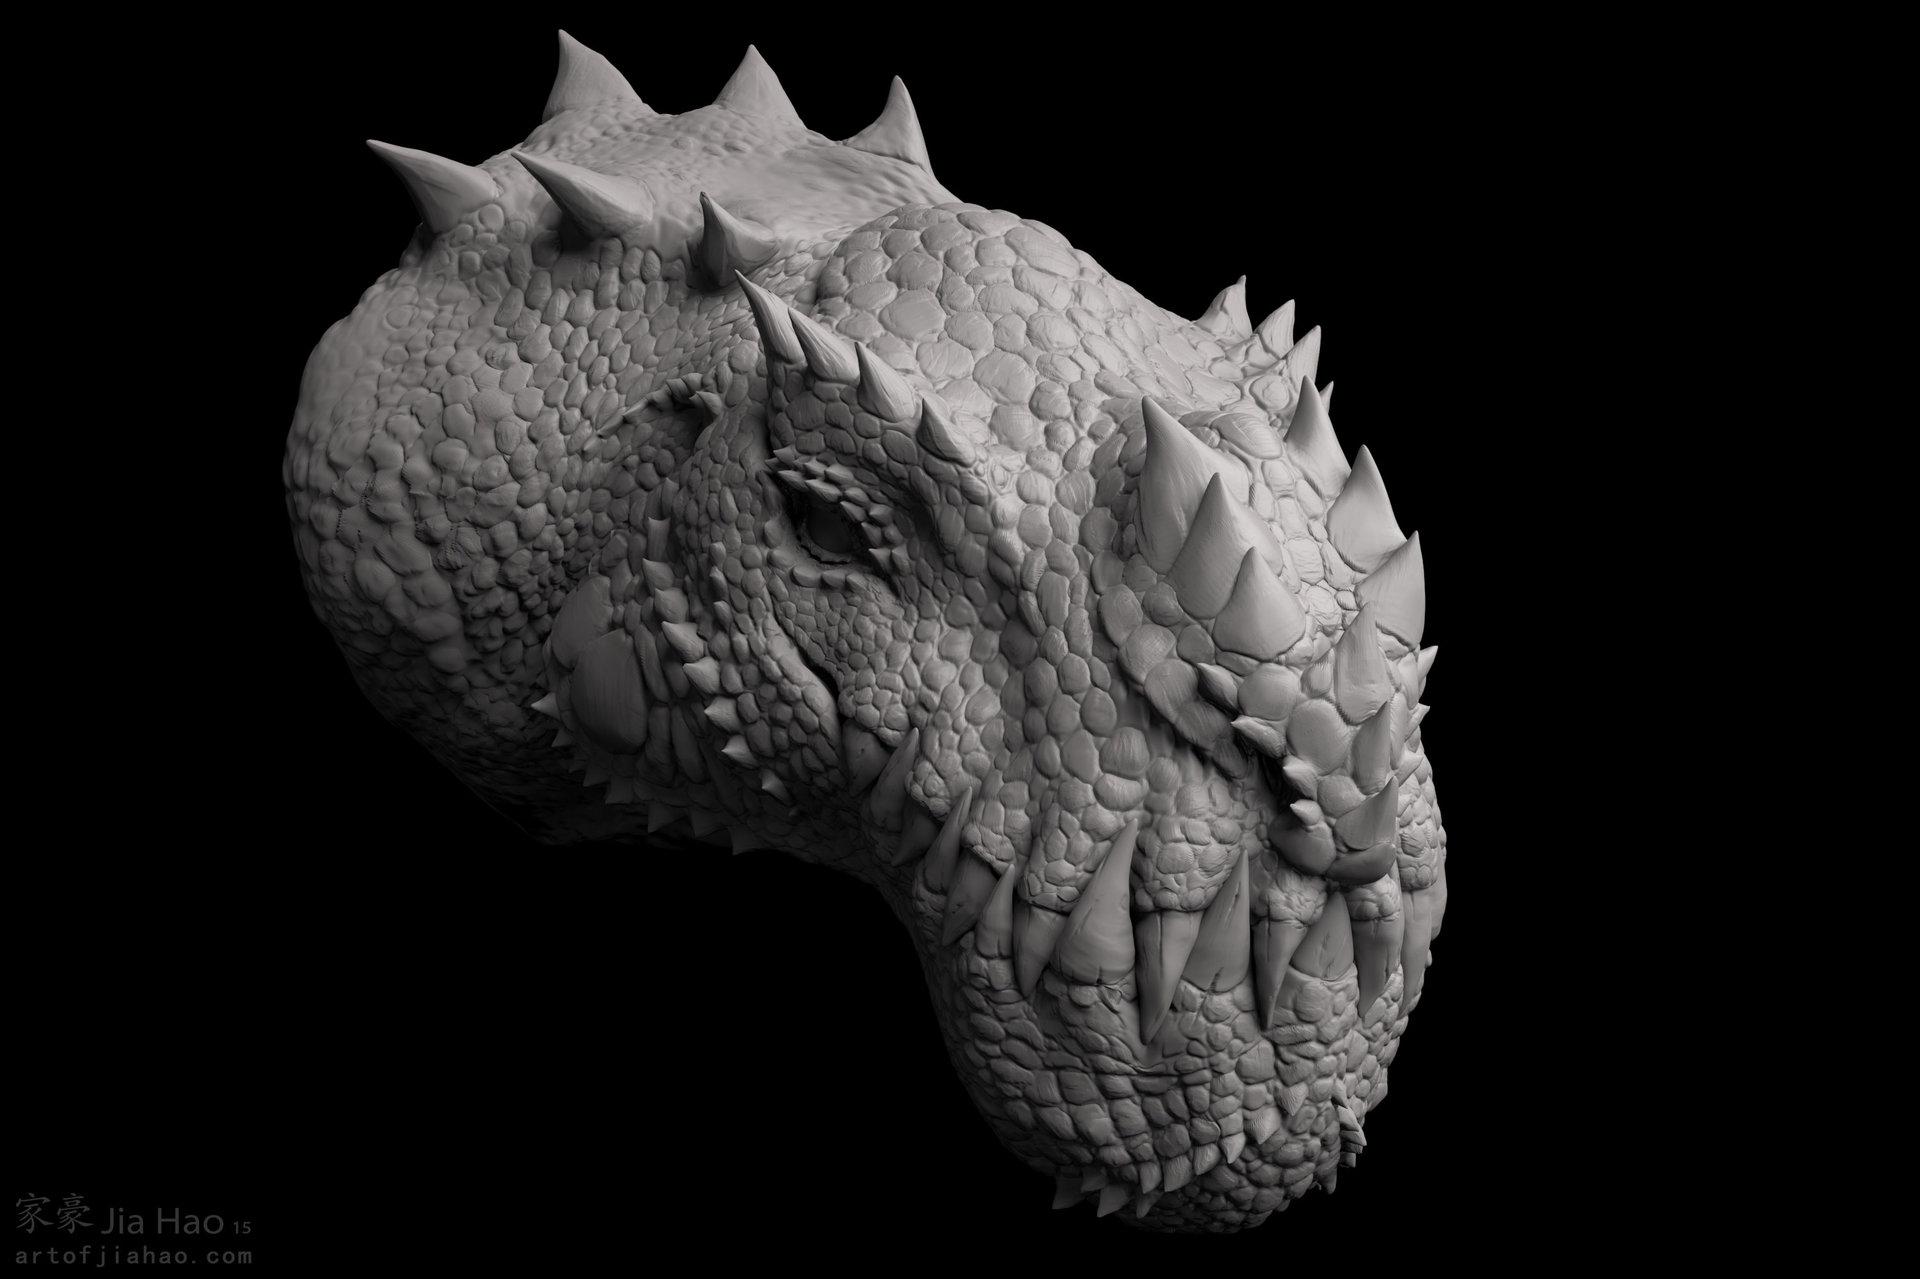 Jia hao 2015 09 cryosaurus sculpt 04